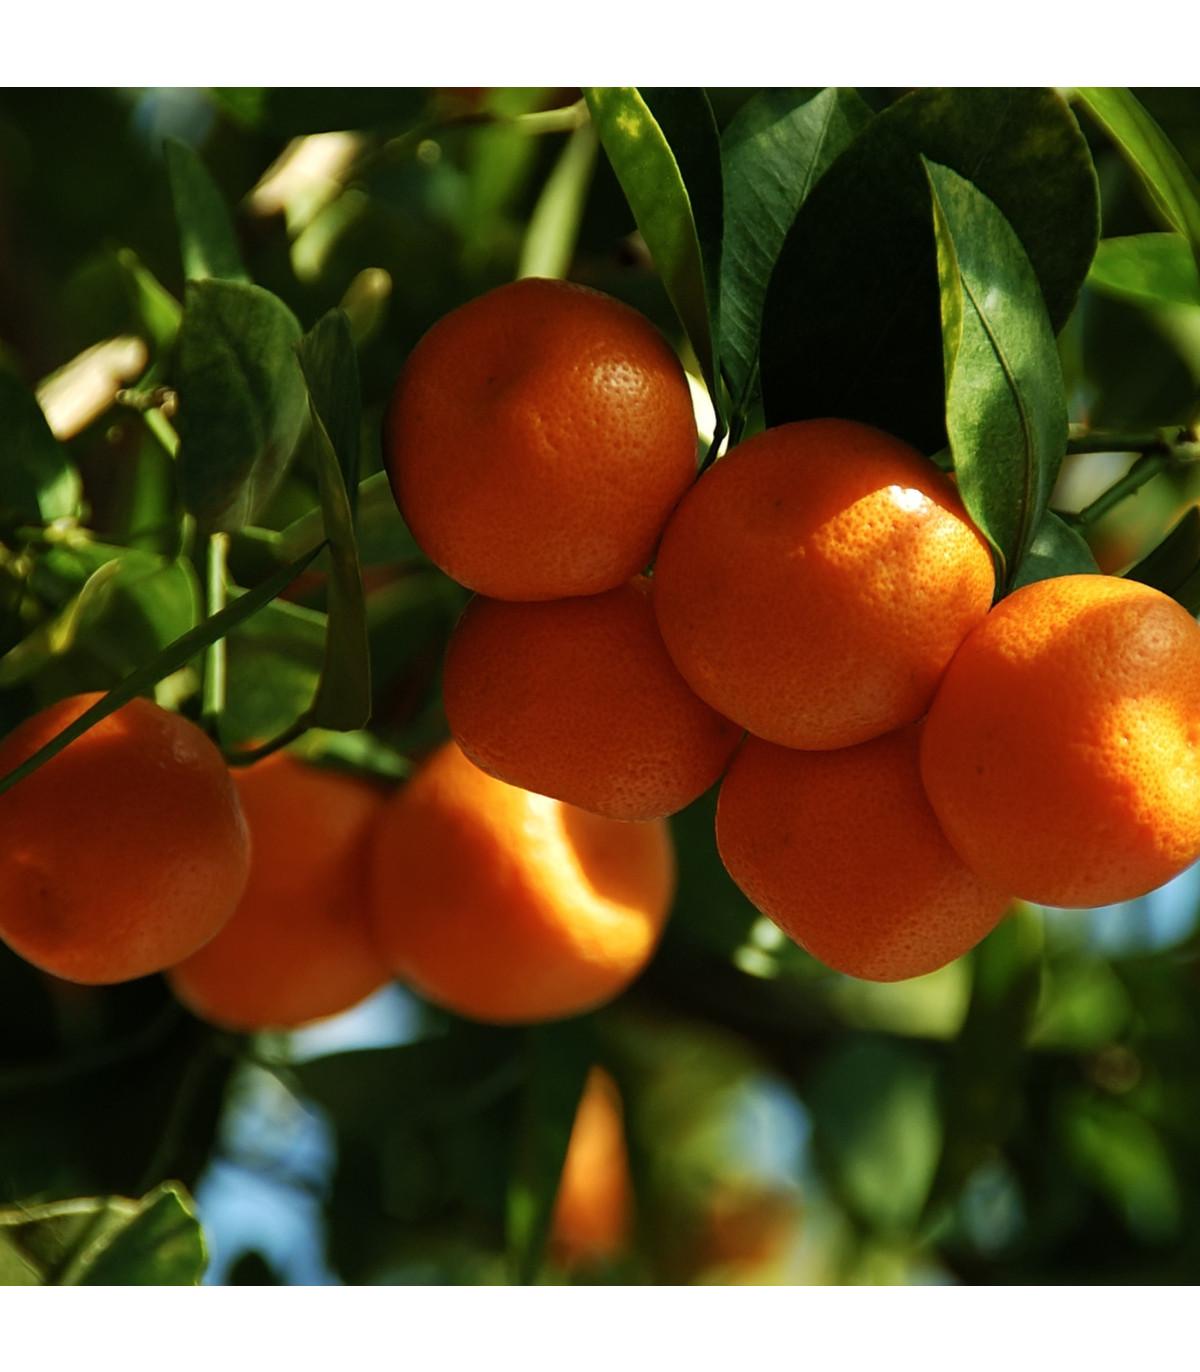 Pomerančovník zakrslý - semena Pomerančovníku - Citrus mitis - 3 ks